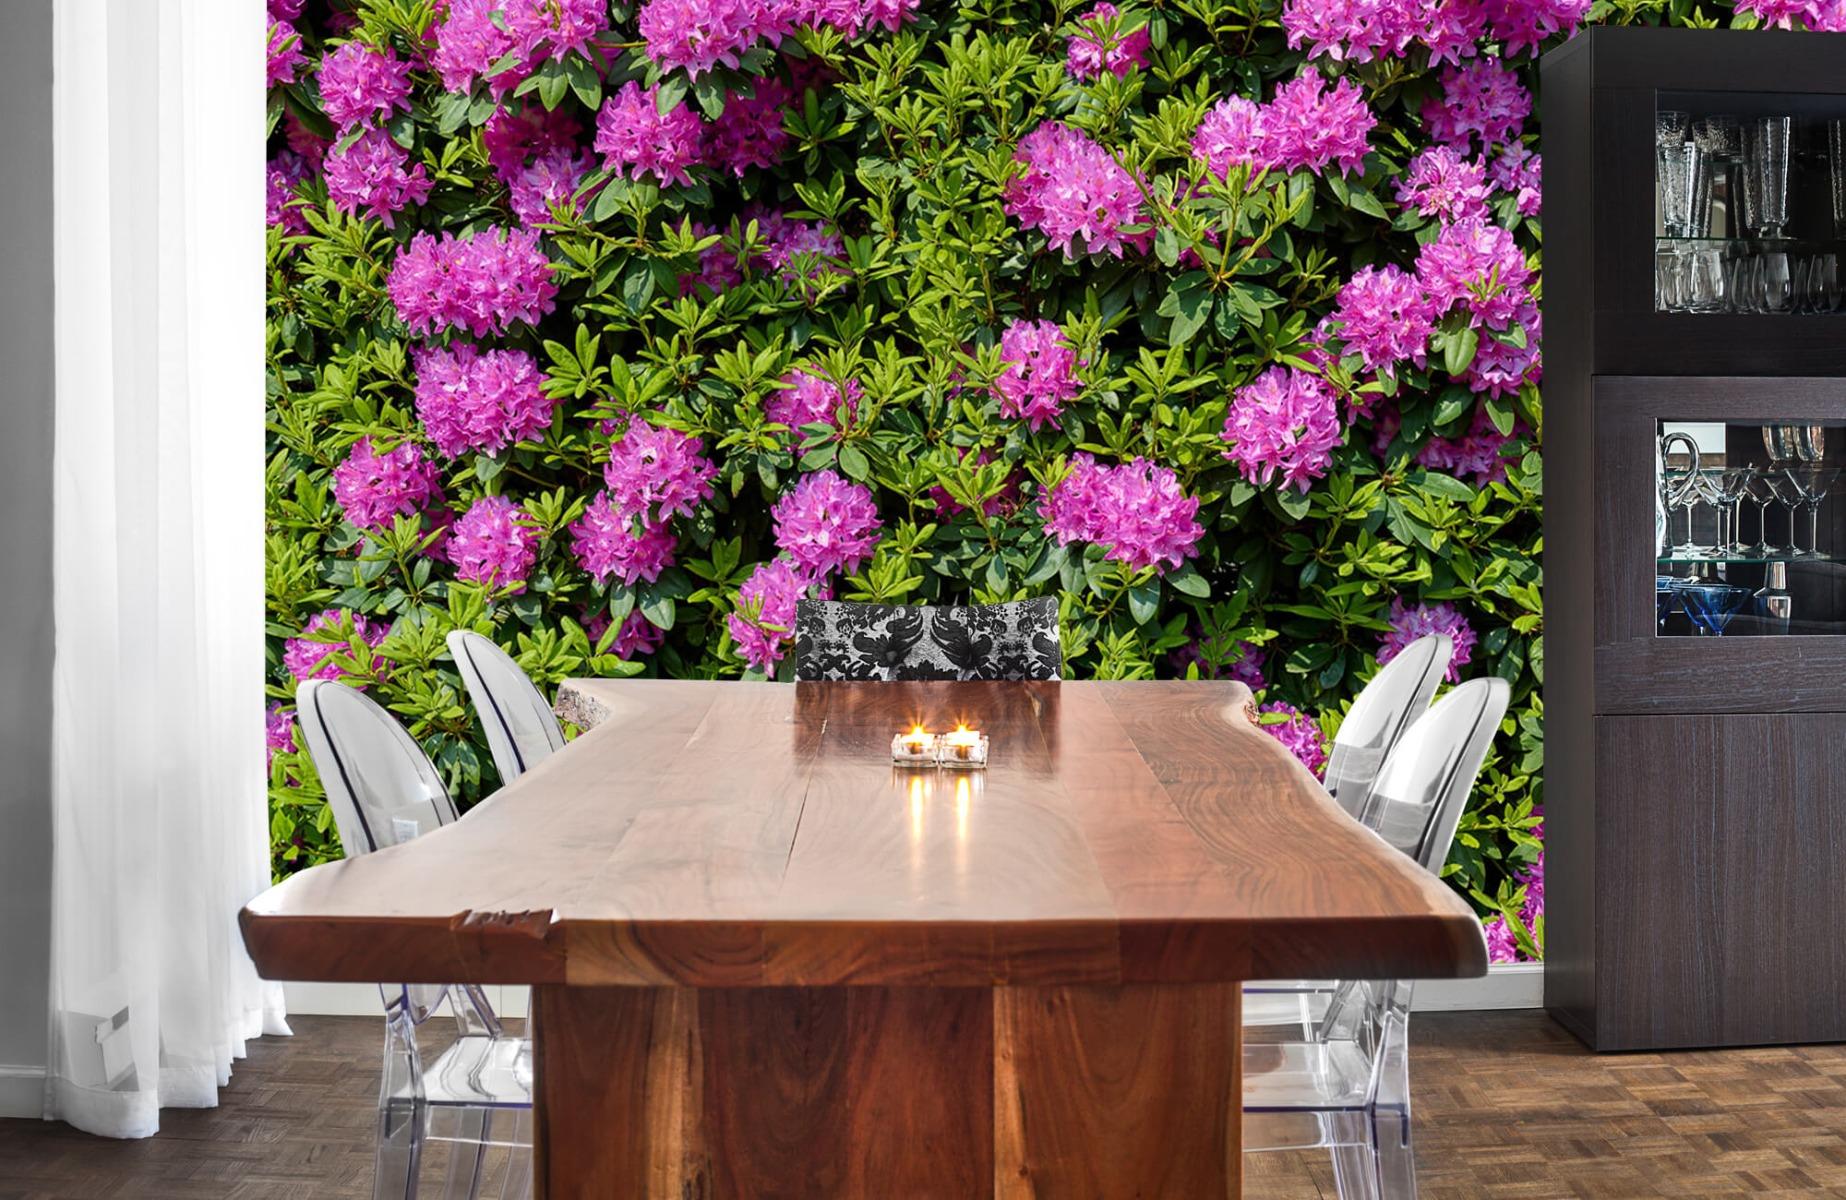 Bloemenvelden - Grote muur van rododendrons - Wallexclusive - Woonkamer 3